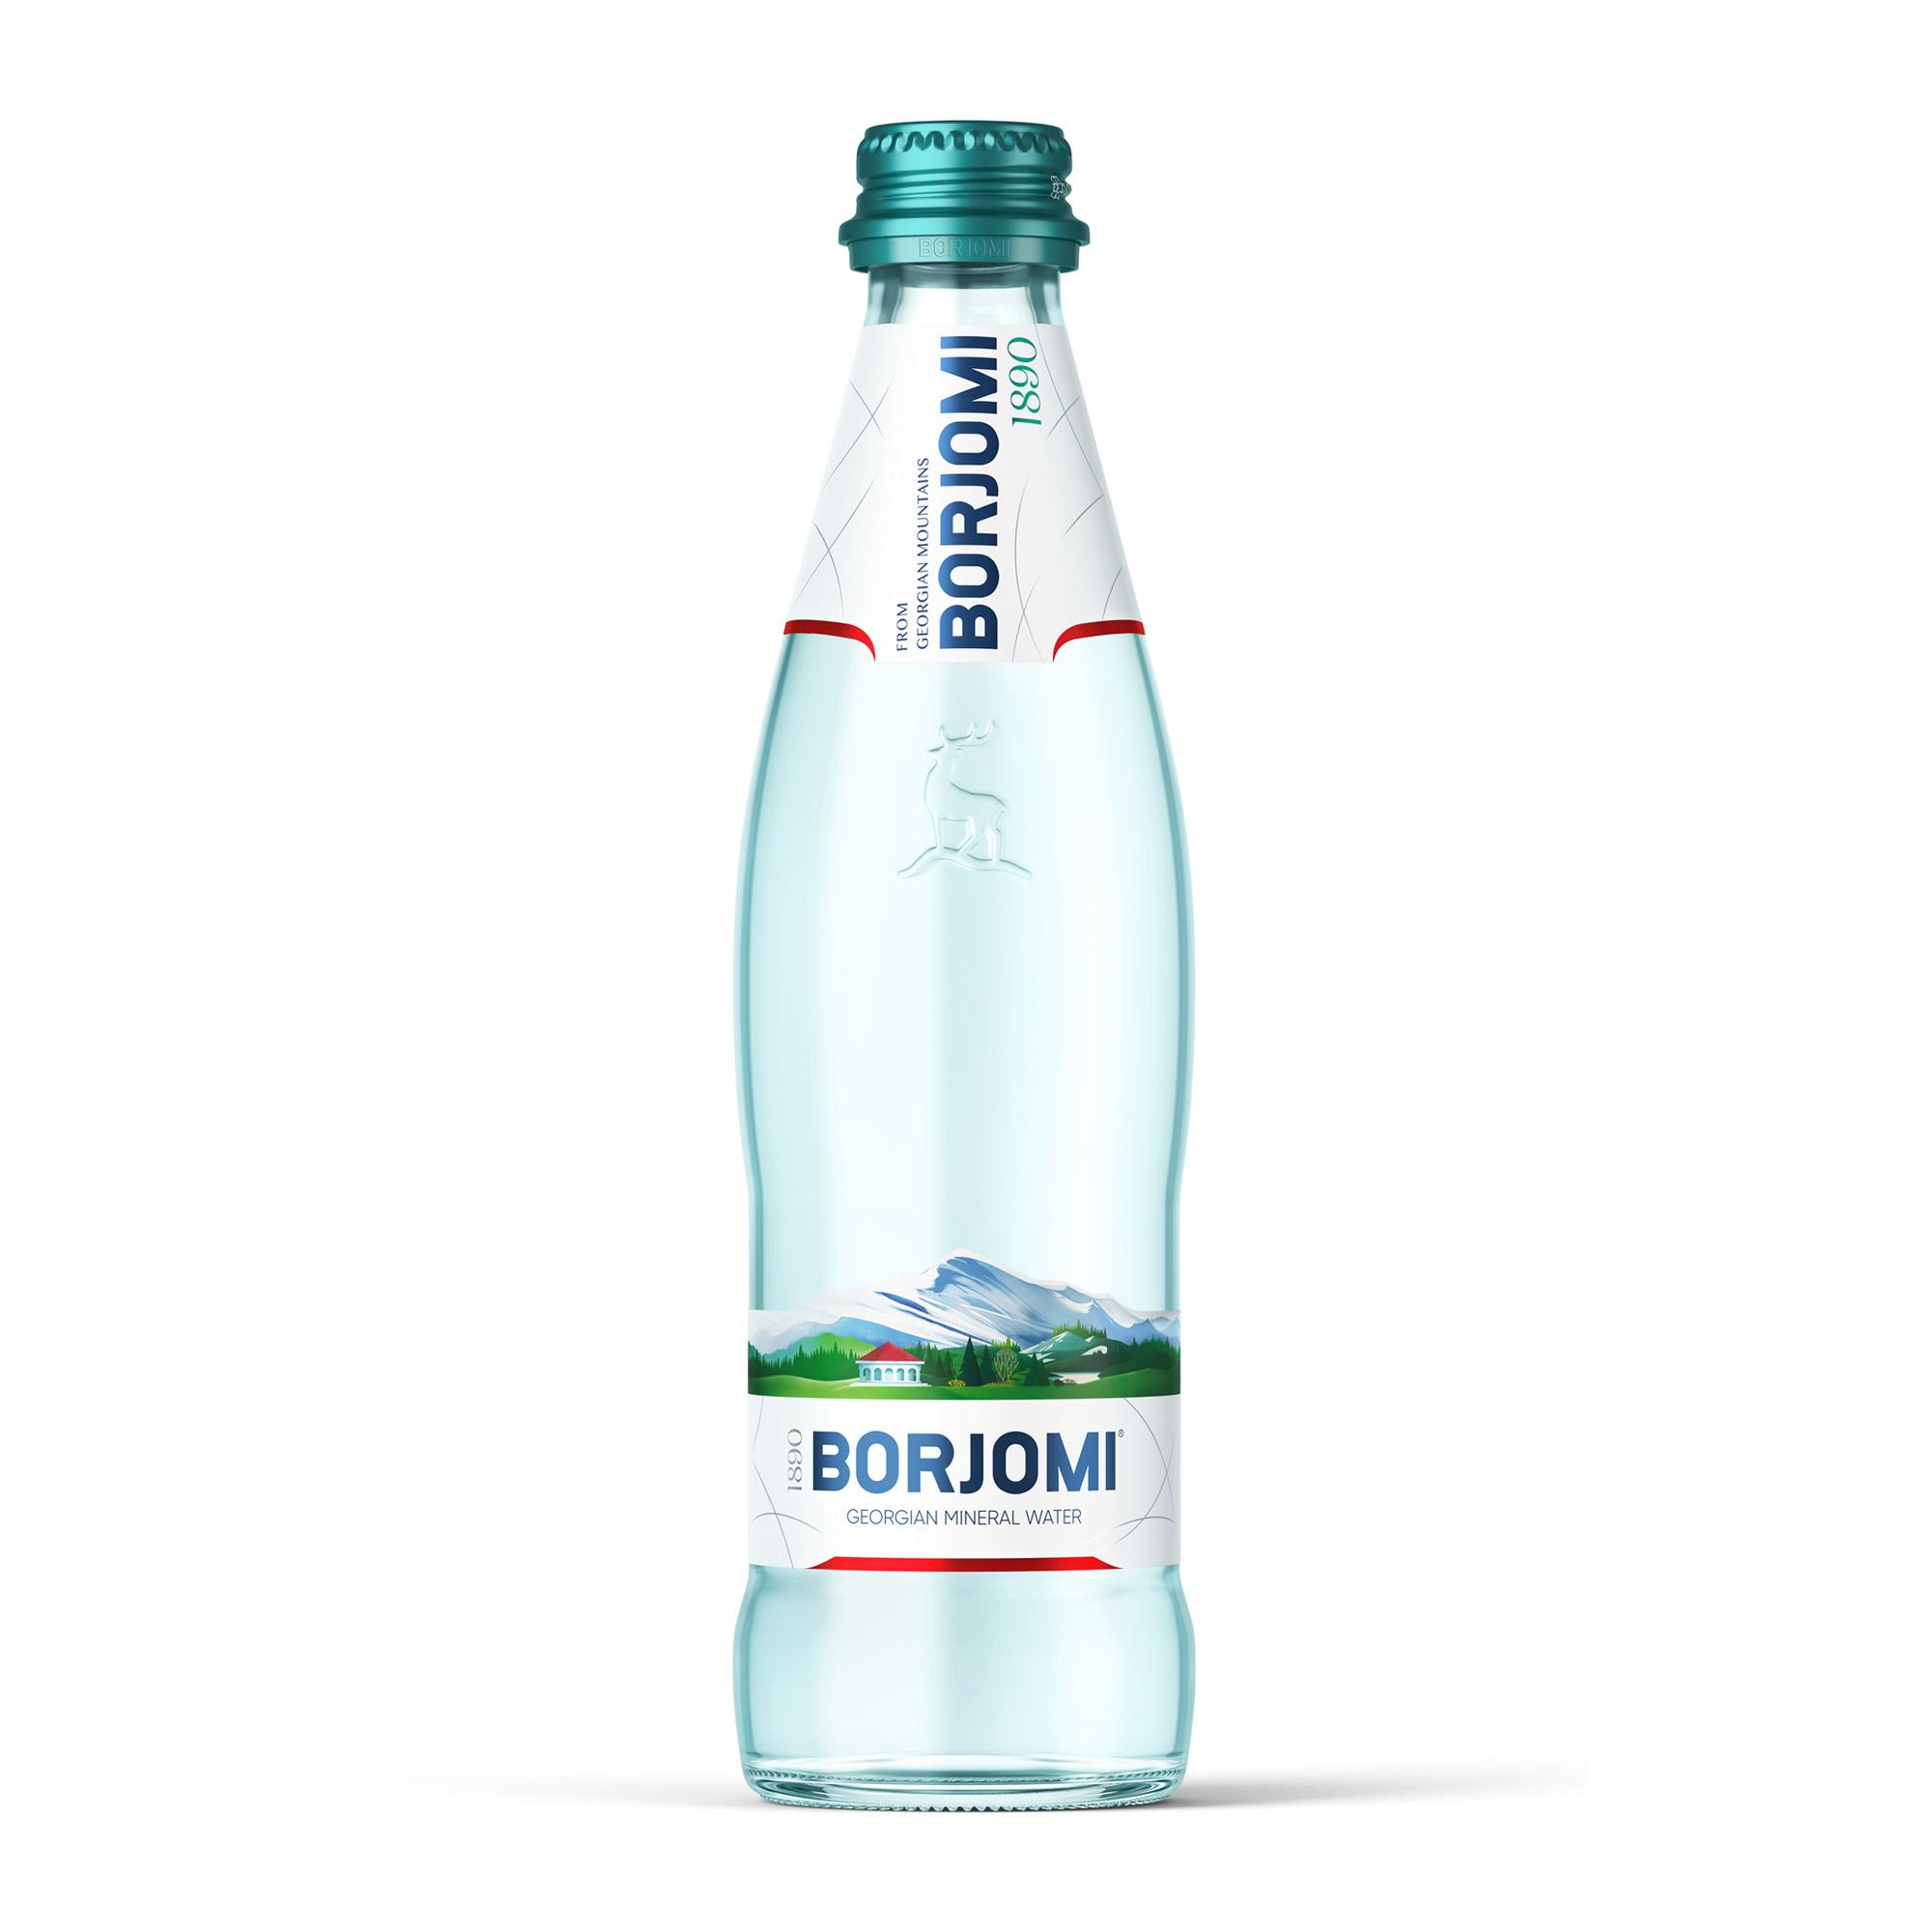 Фото - Вода минеральная Borjomi газированная 0,33 л минеральная вода zagori газированная стекло 0 75 л